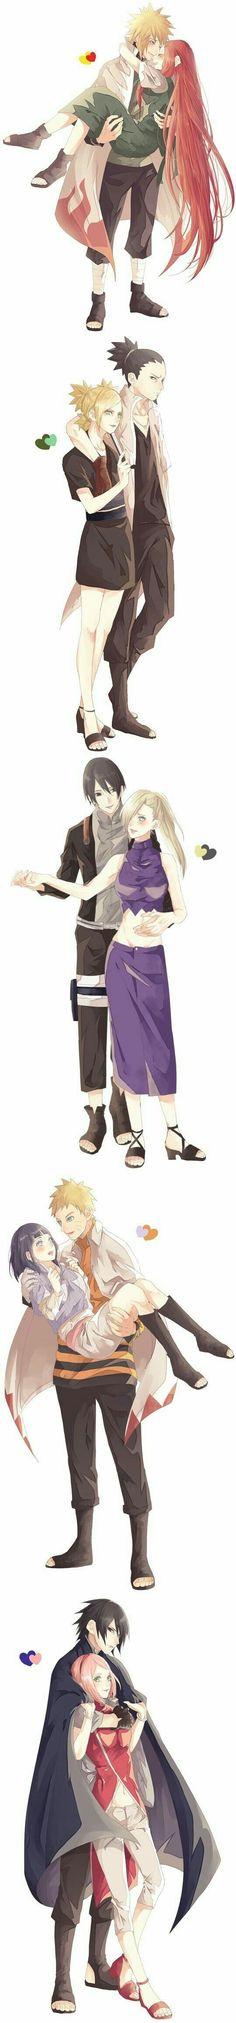 Minato, Kushina, Shikamaru, Temari, Ino, Sai, Hinata, Naruto, Sakura, Sasuke, couples, cute; Naruto